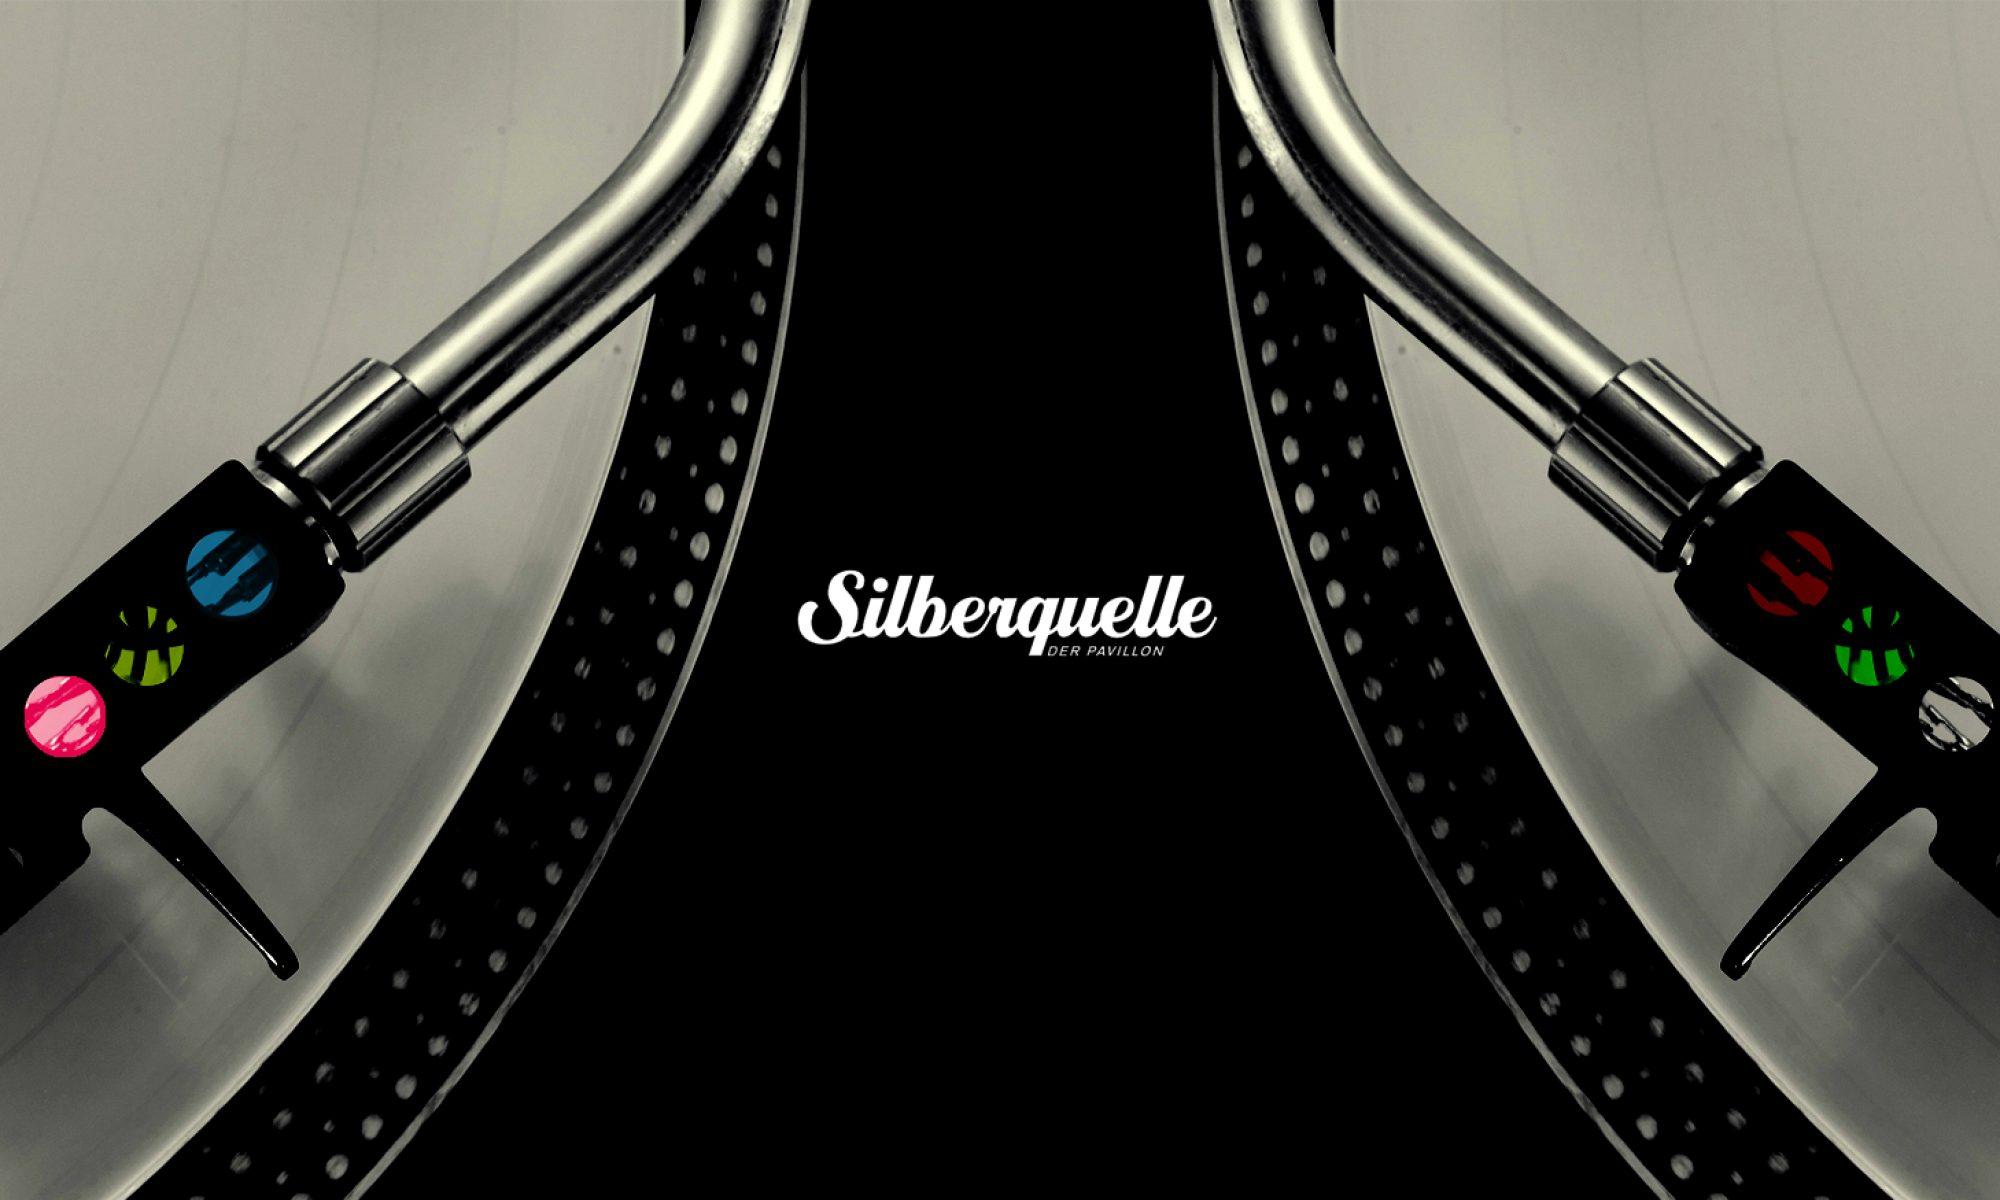 Silberquelle